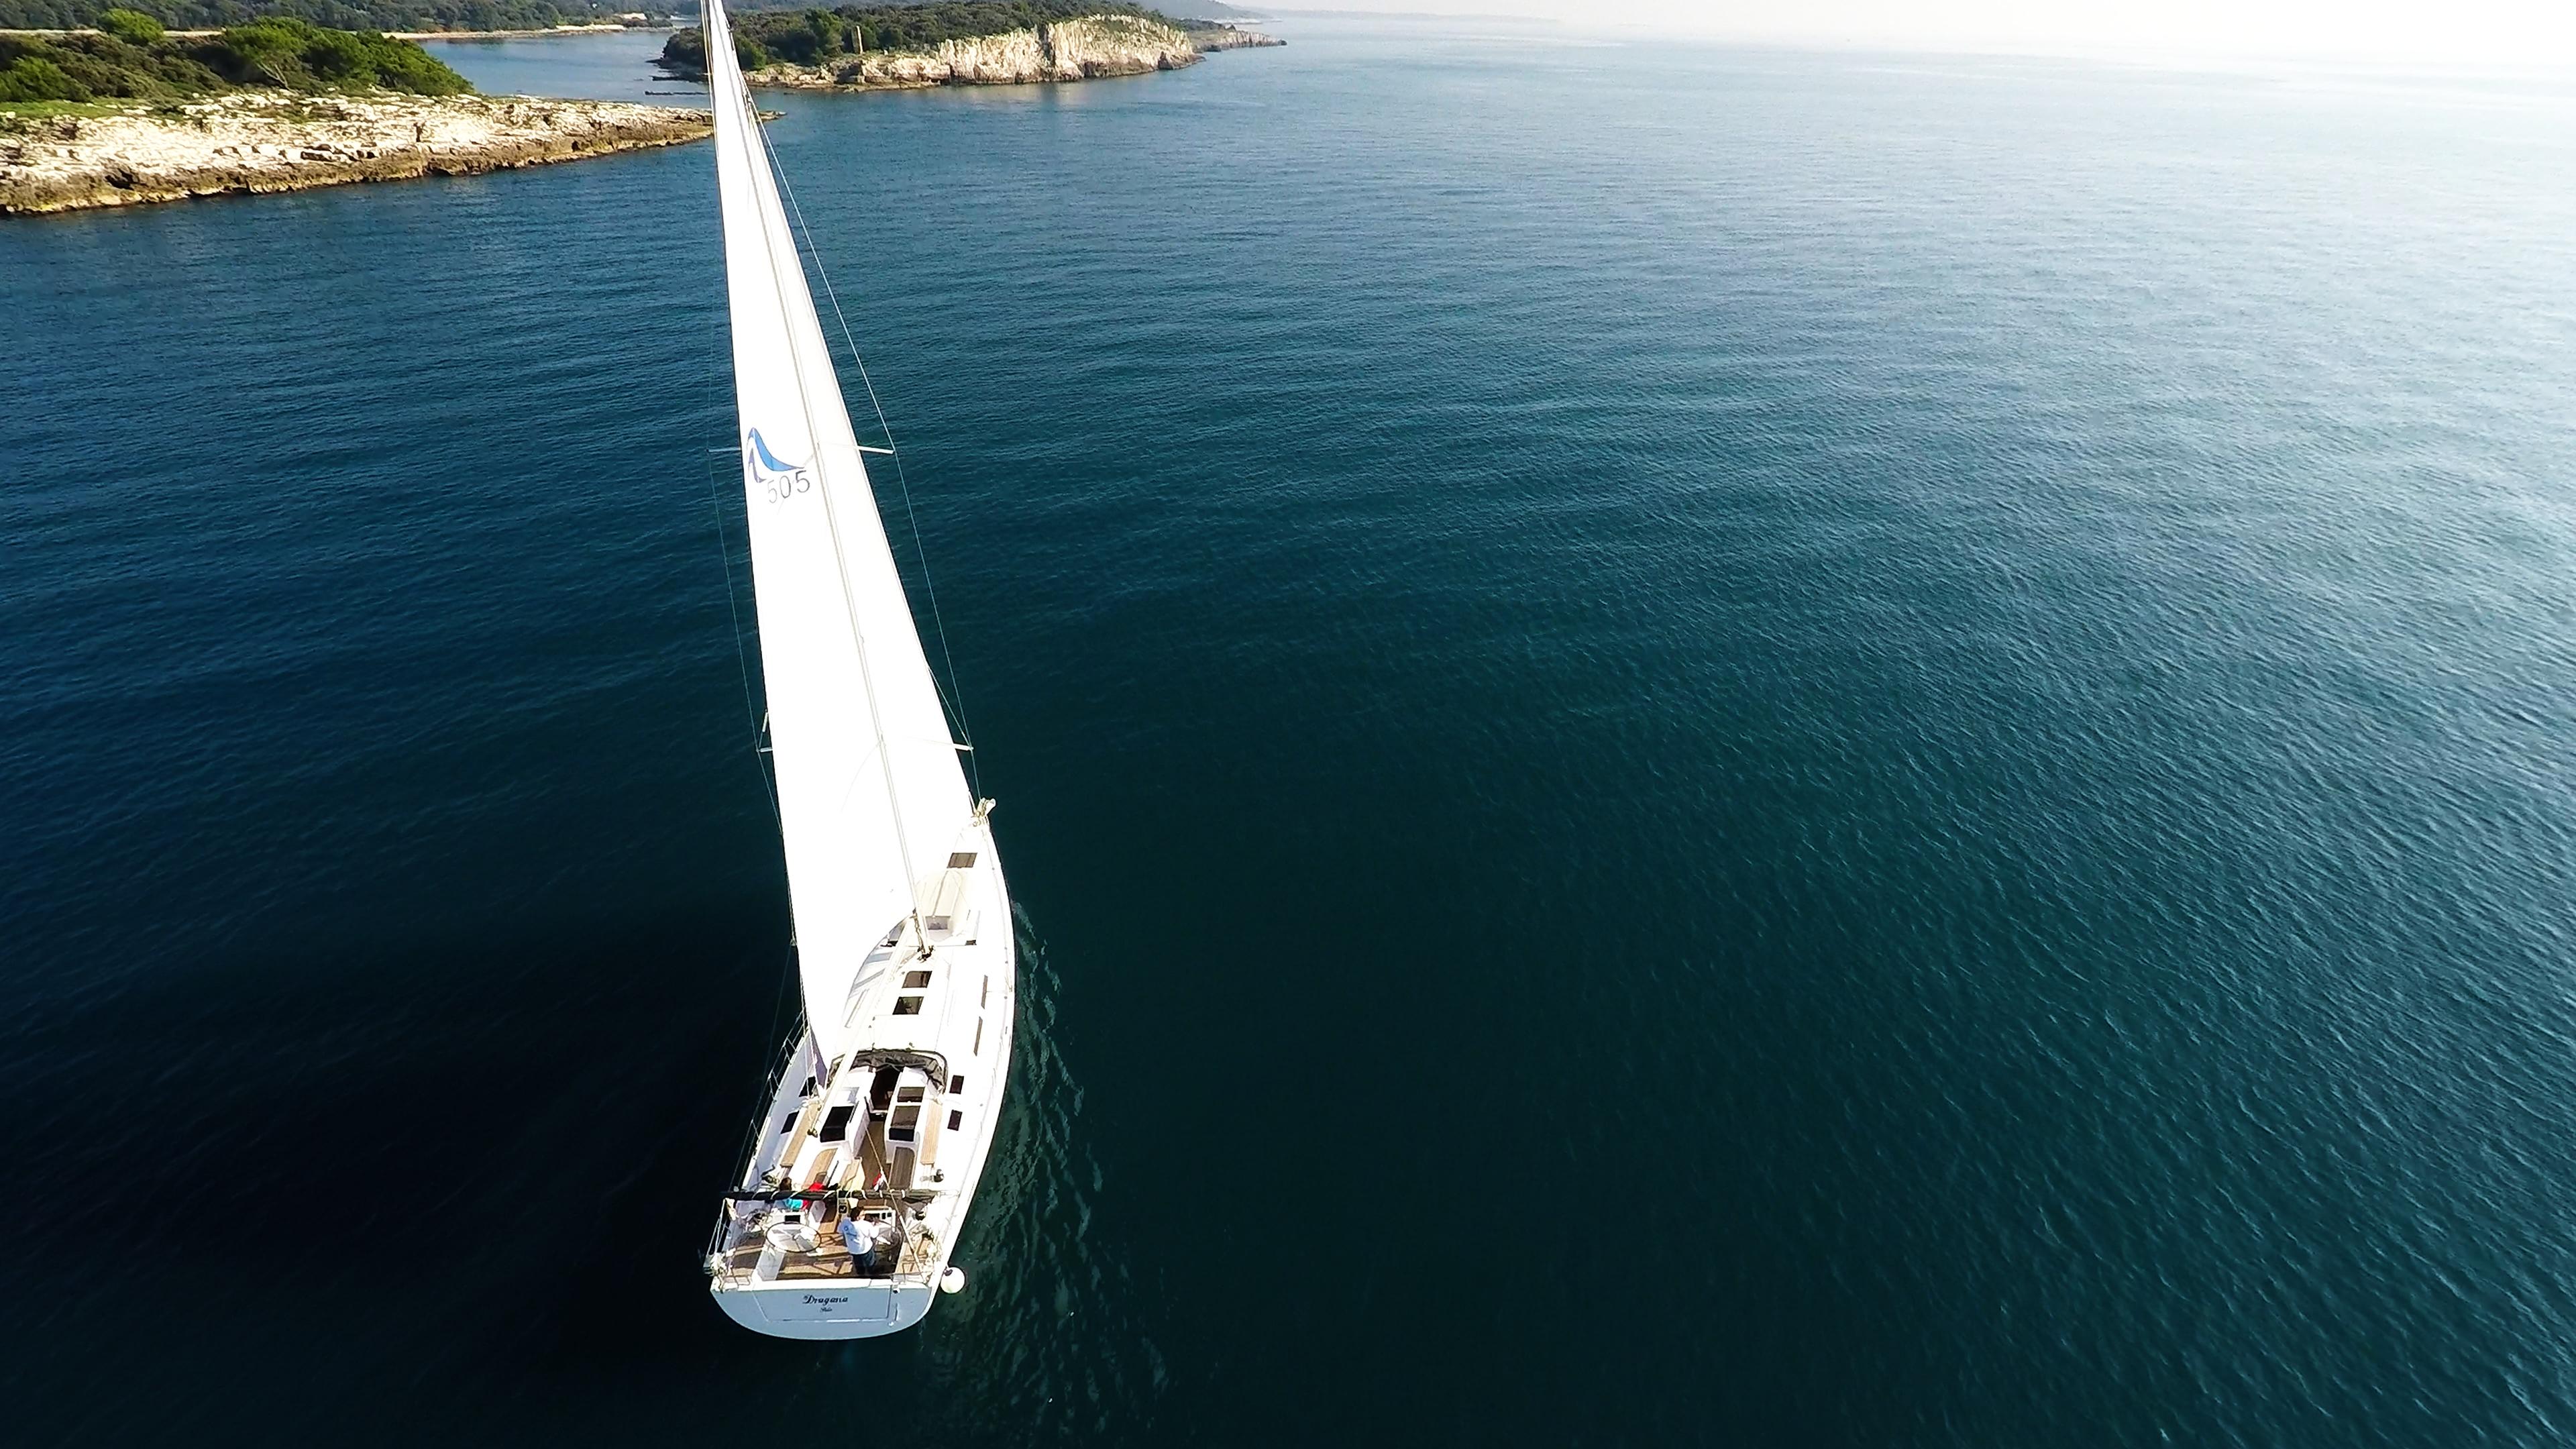 barcha a vela barca a vela veleggiare mare blu isole ponte pozzetto vele